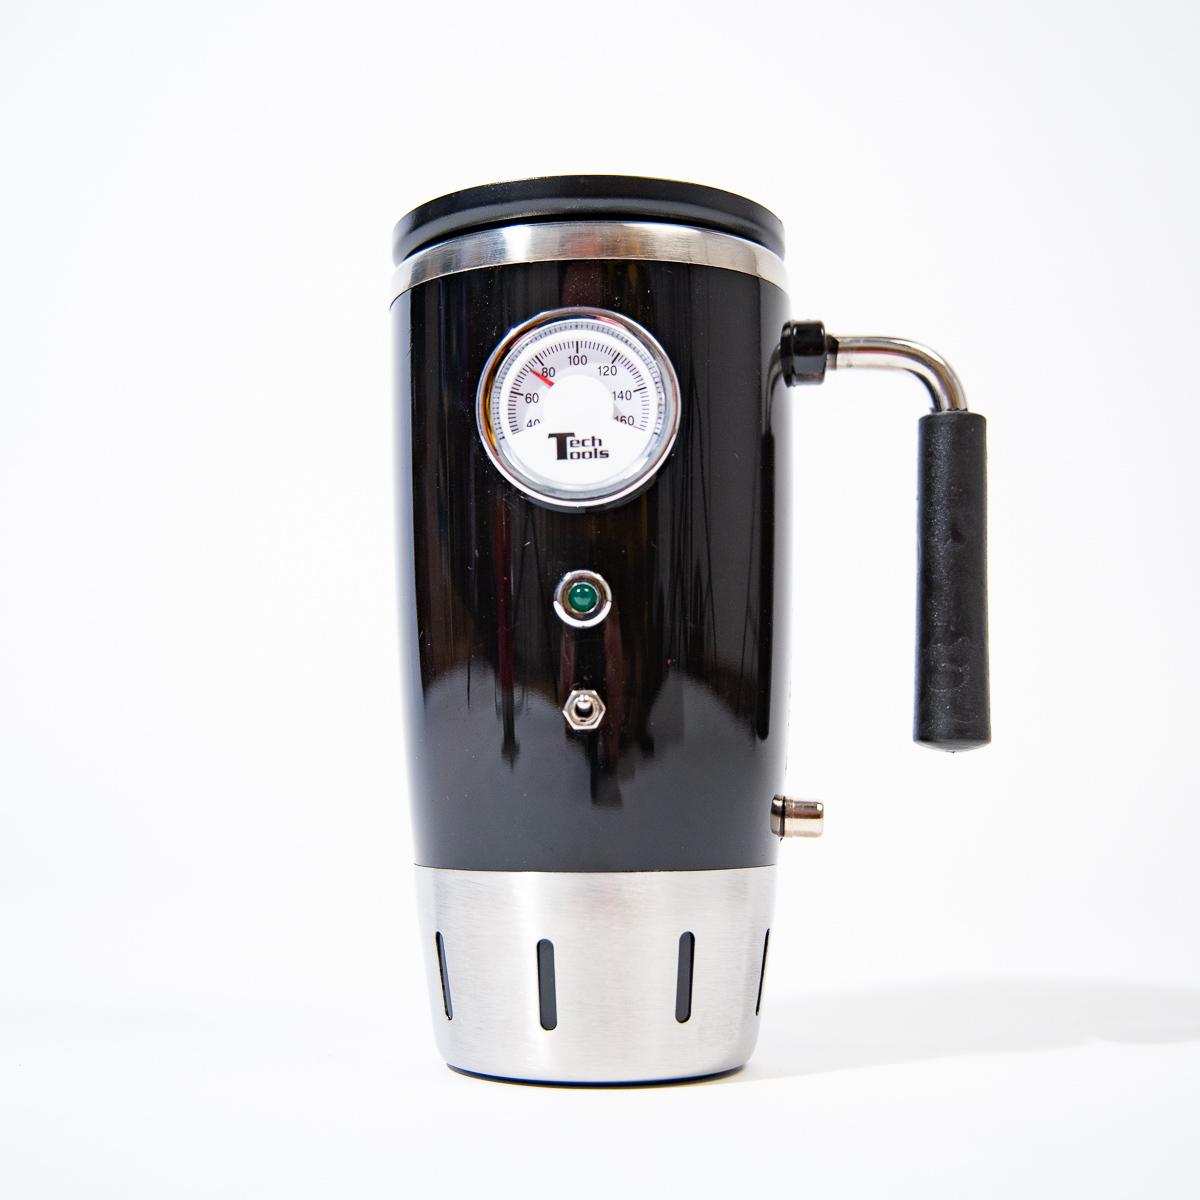 Verwarmde retro drinkbeker met thermometer